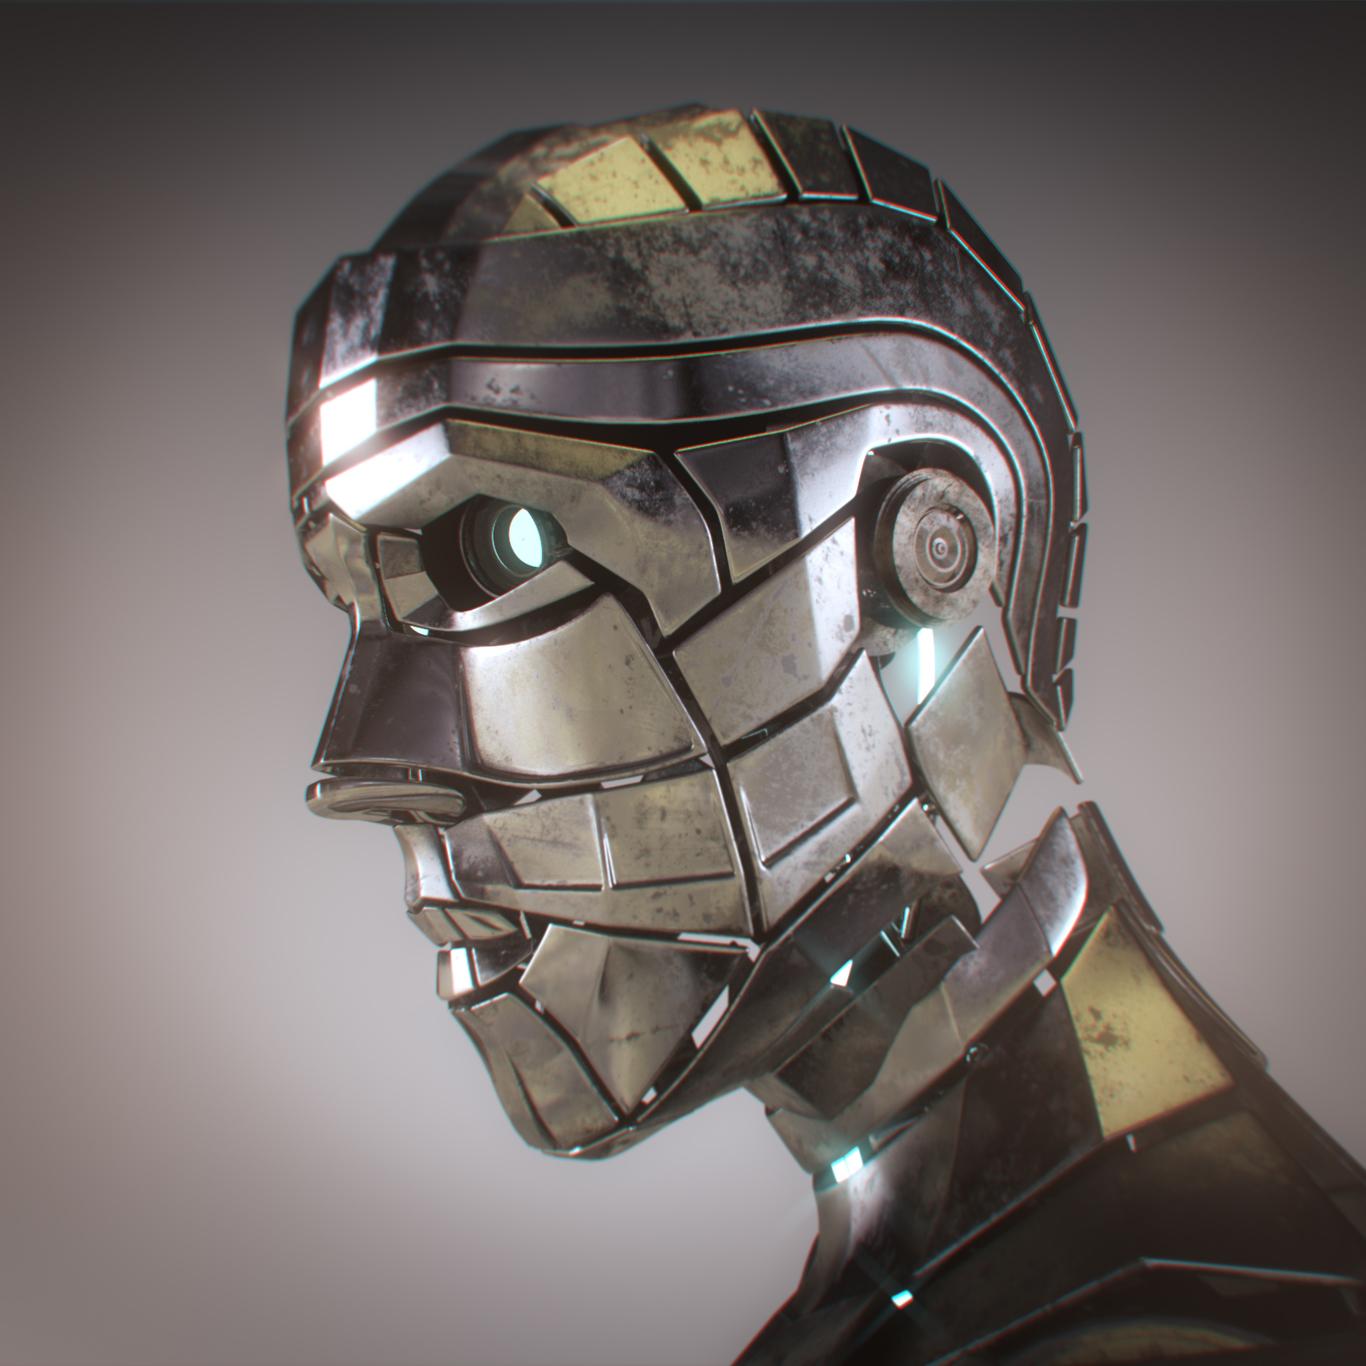 Sconlogue roboguy character co 1 5fa5784d mjr6